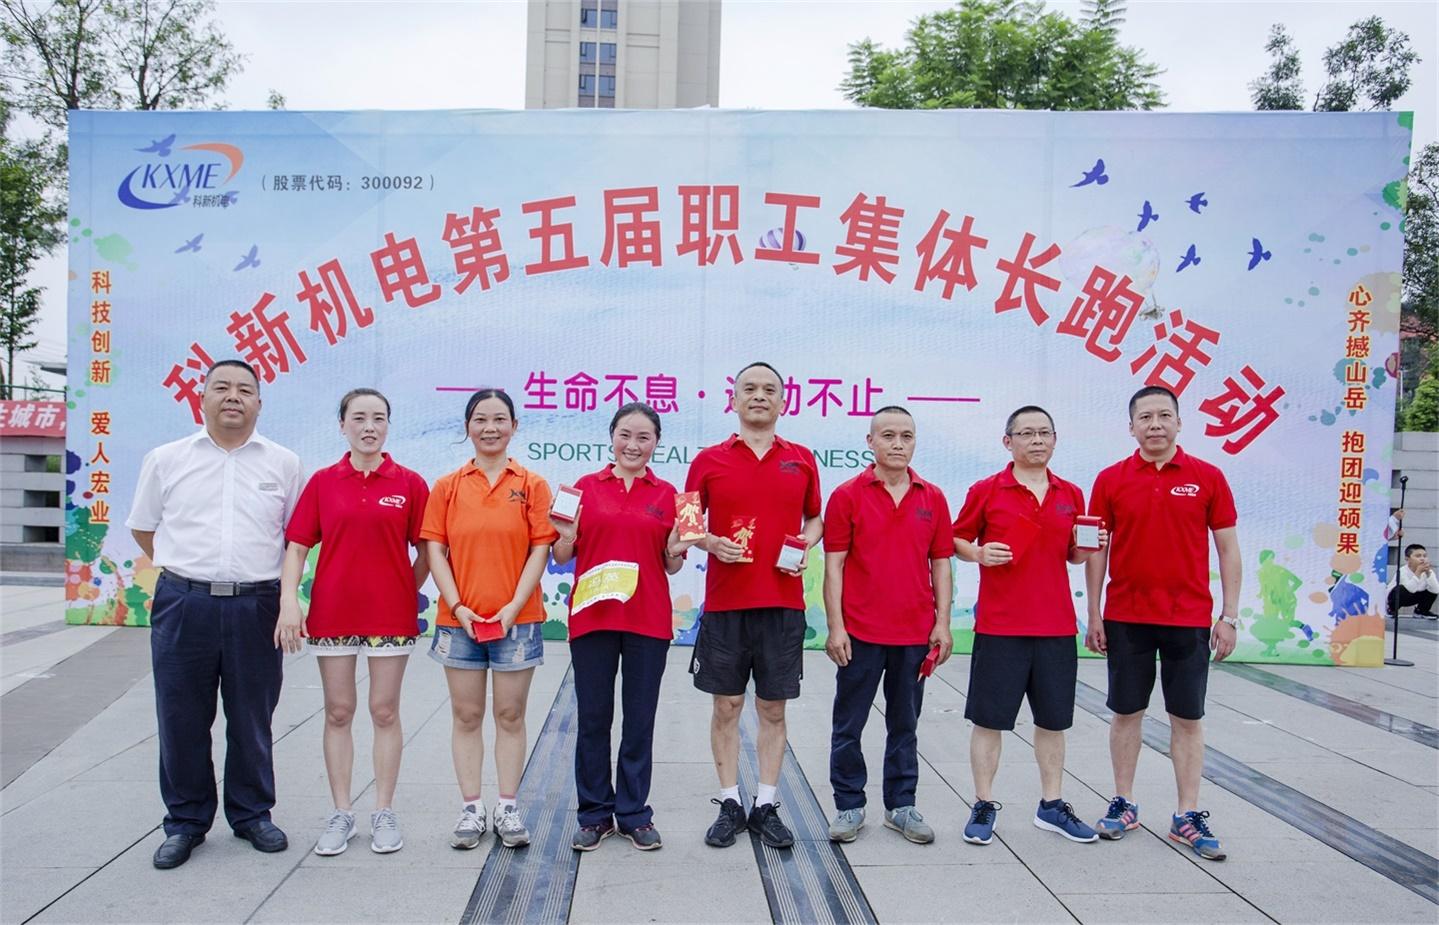 http://qiniu.cloudhong.com/image_2019-09-08_5d7510f527776.jpg